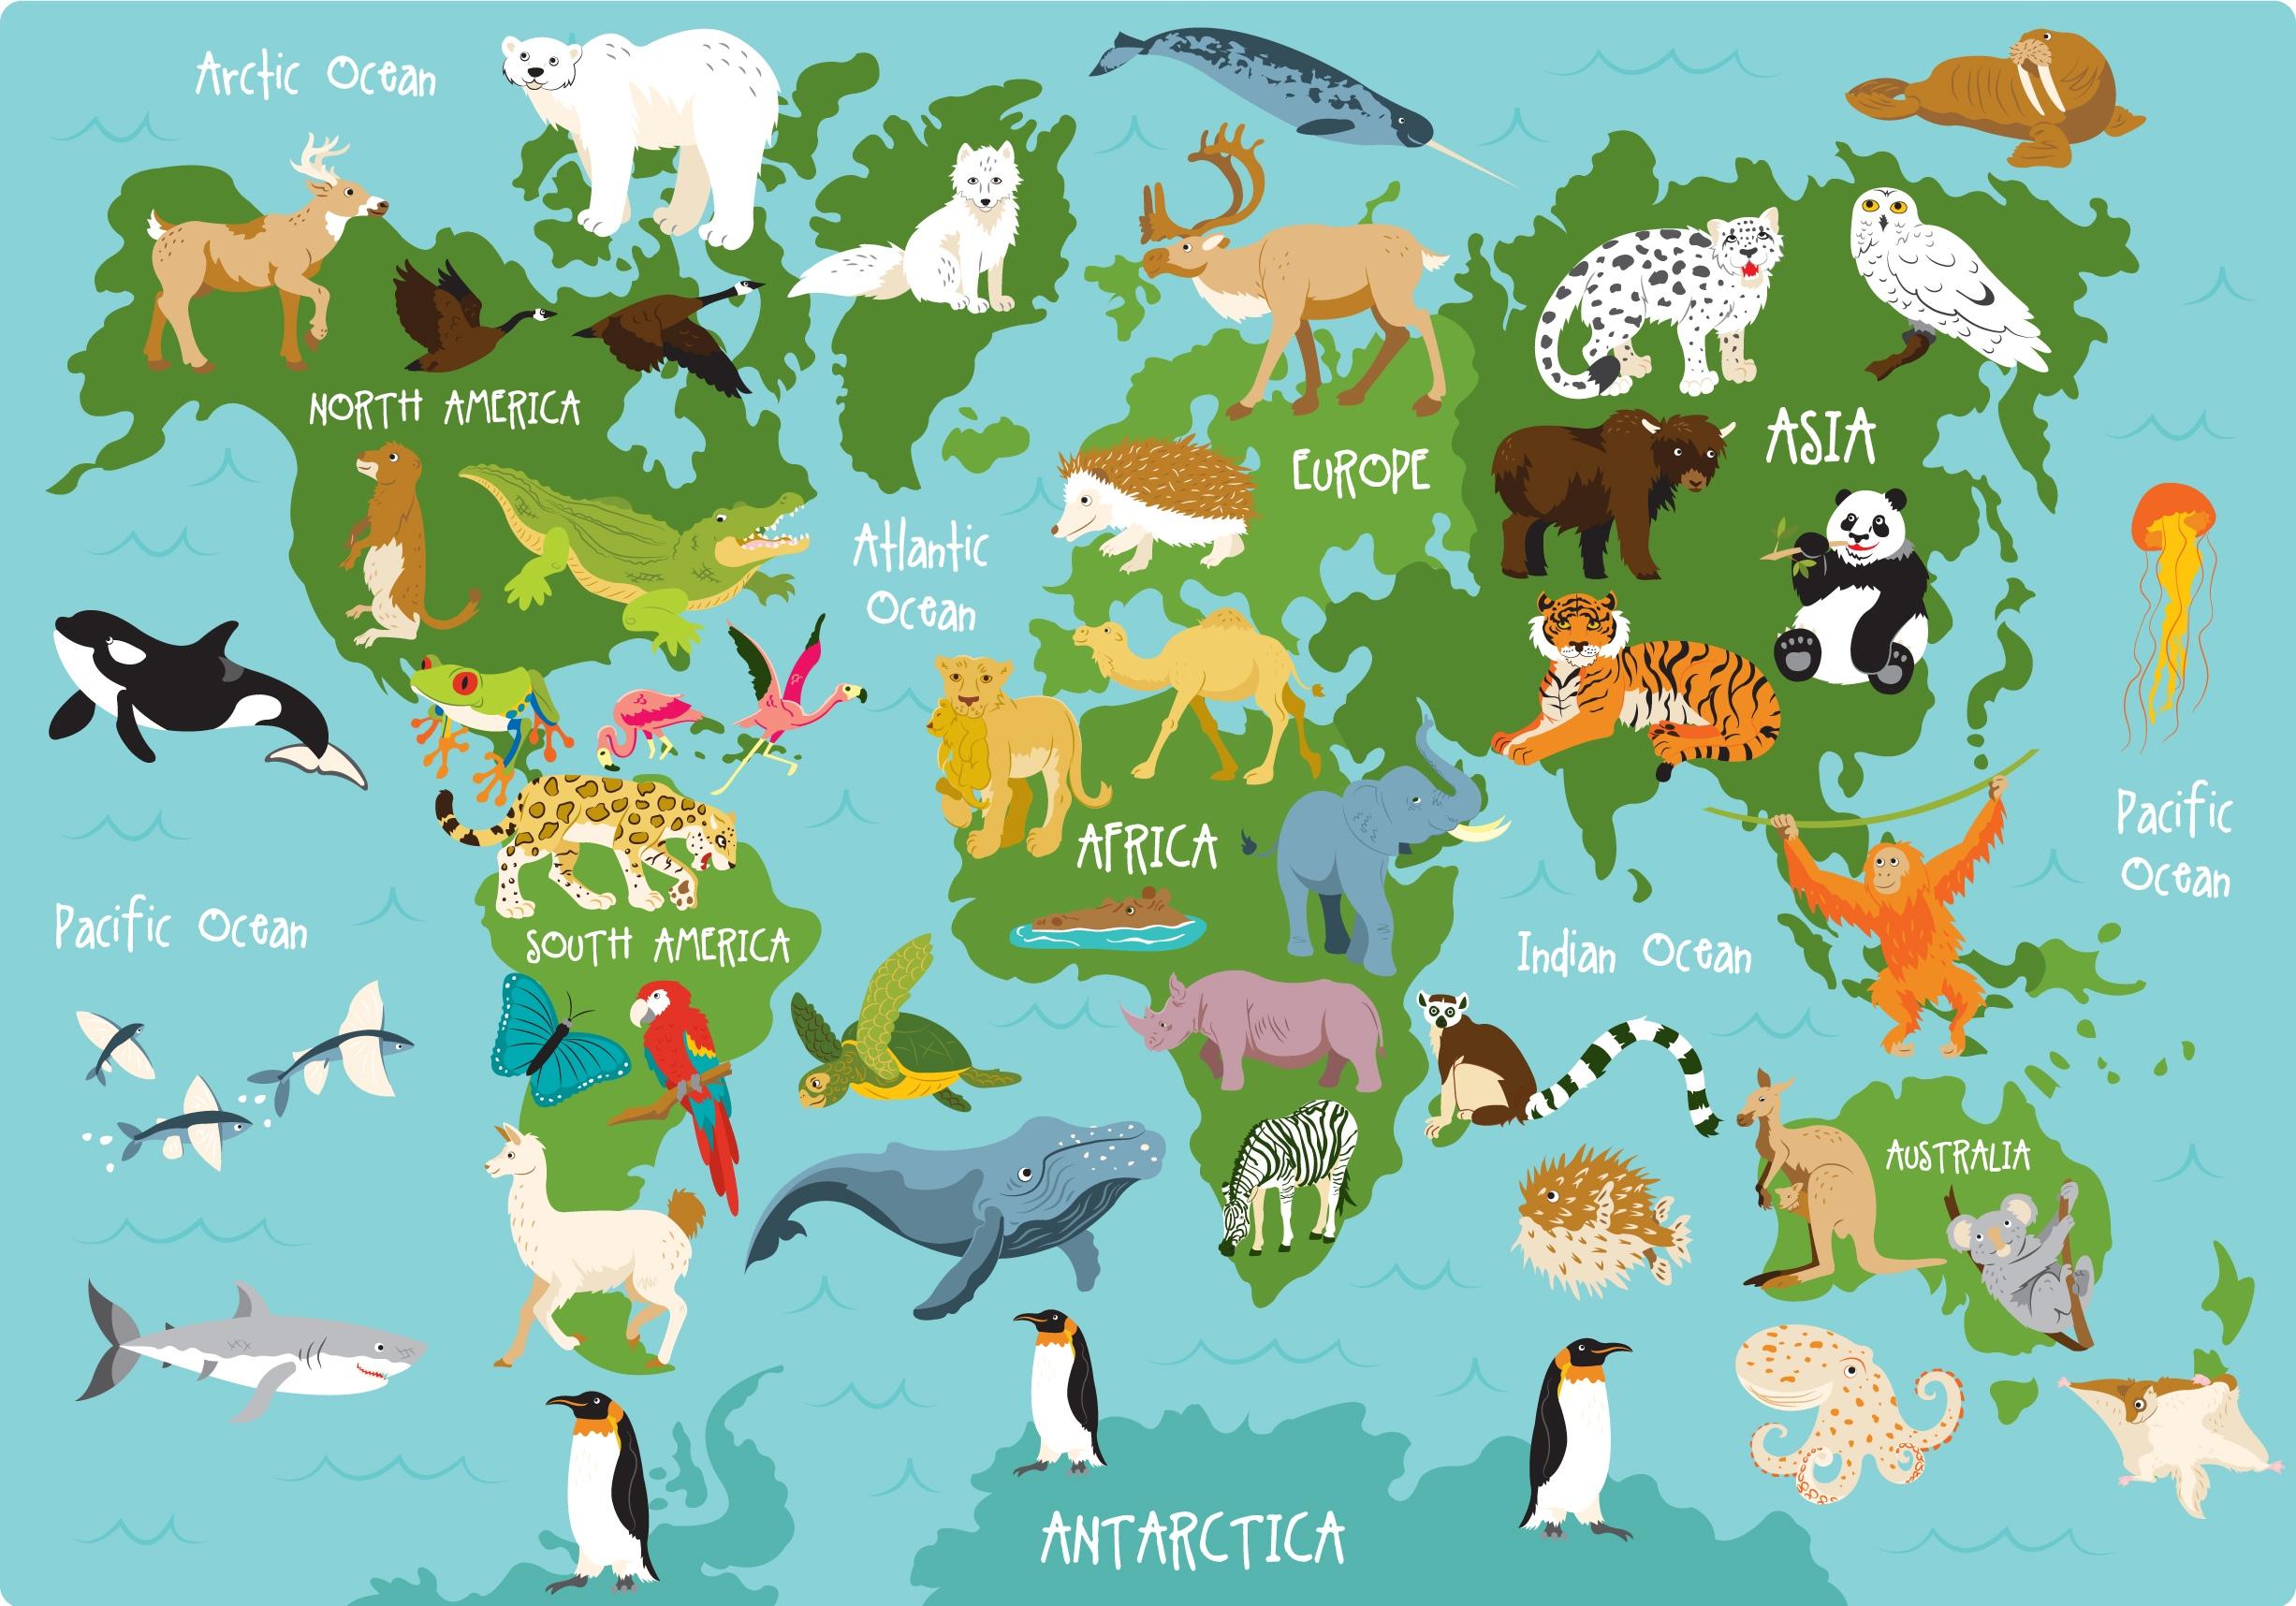 карта россии с картинками животных хоть открытая, фанаты